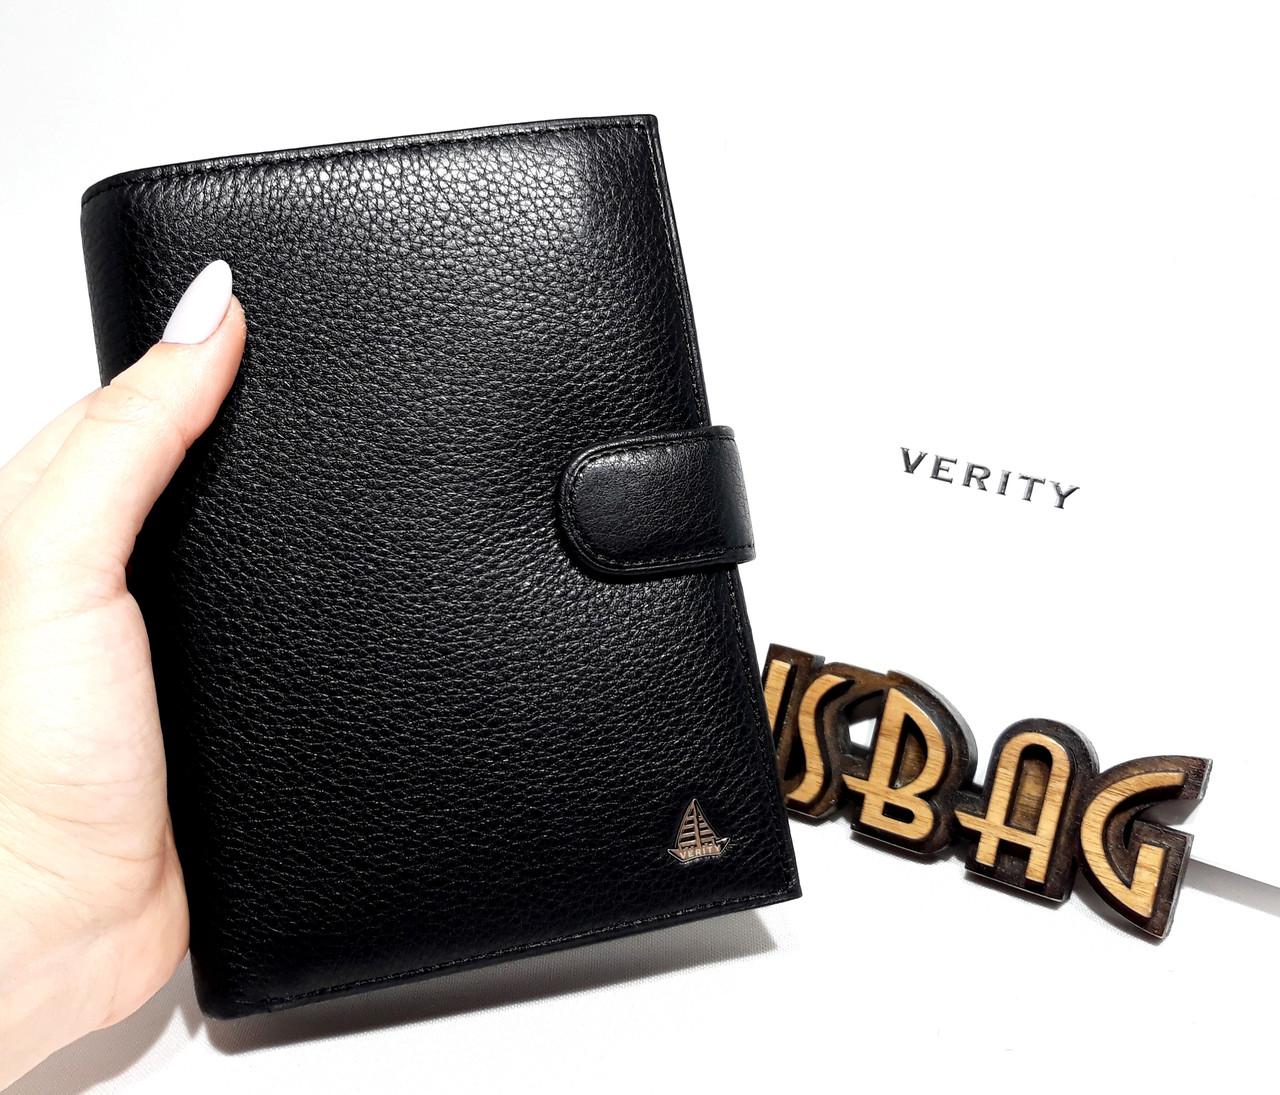 5b16a090d13b Многофункциональное ,большое мужское портмоне Verity из натуральной кожи  Черного цвета на кнопке